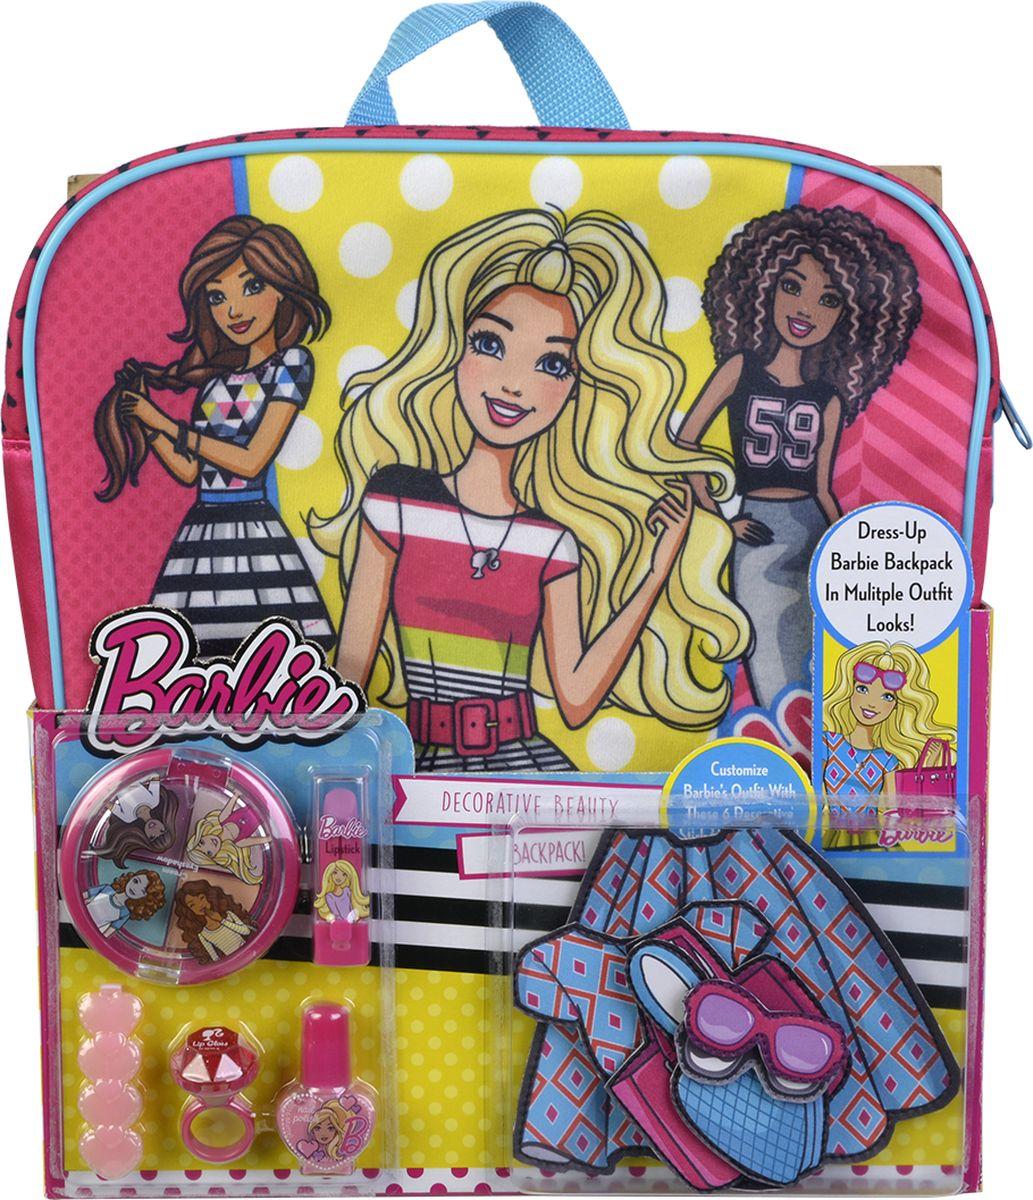 Markwins Игровой набор детской декоративной косметики Barbie 97093519709351Состав набора: рюкзак 1 шт., палитра теней для век из 4 оттенков, губная помада в футляре 1 шт., лак для ногтей на водной основе 1 шт., блеск для губ в колечке 1 шт., заколочка для волос 1 шт., липучки 6 шт.